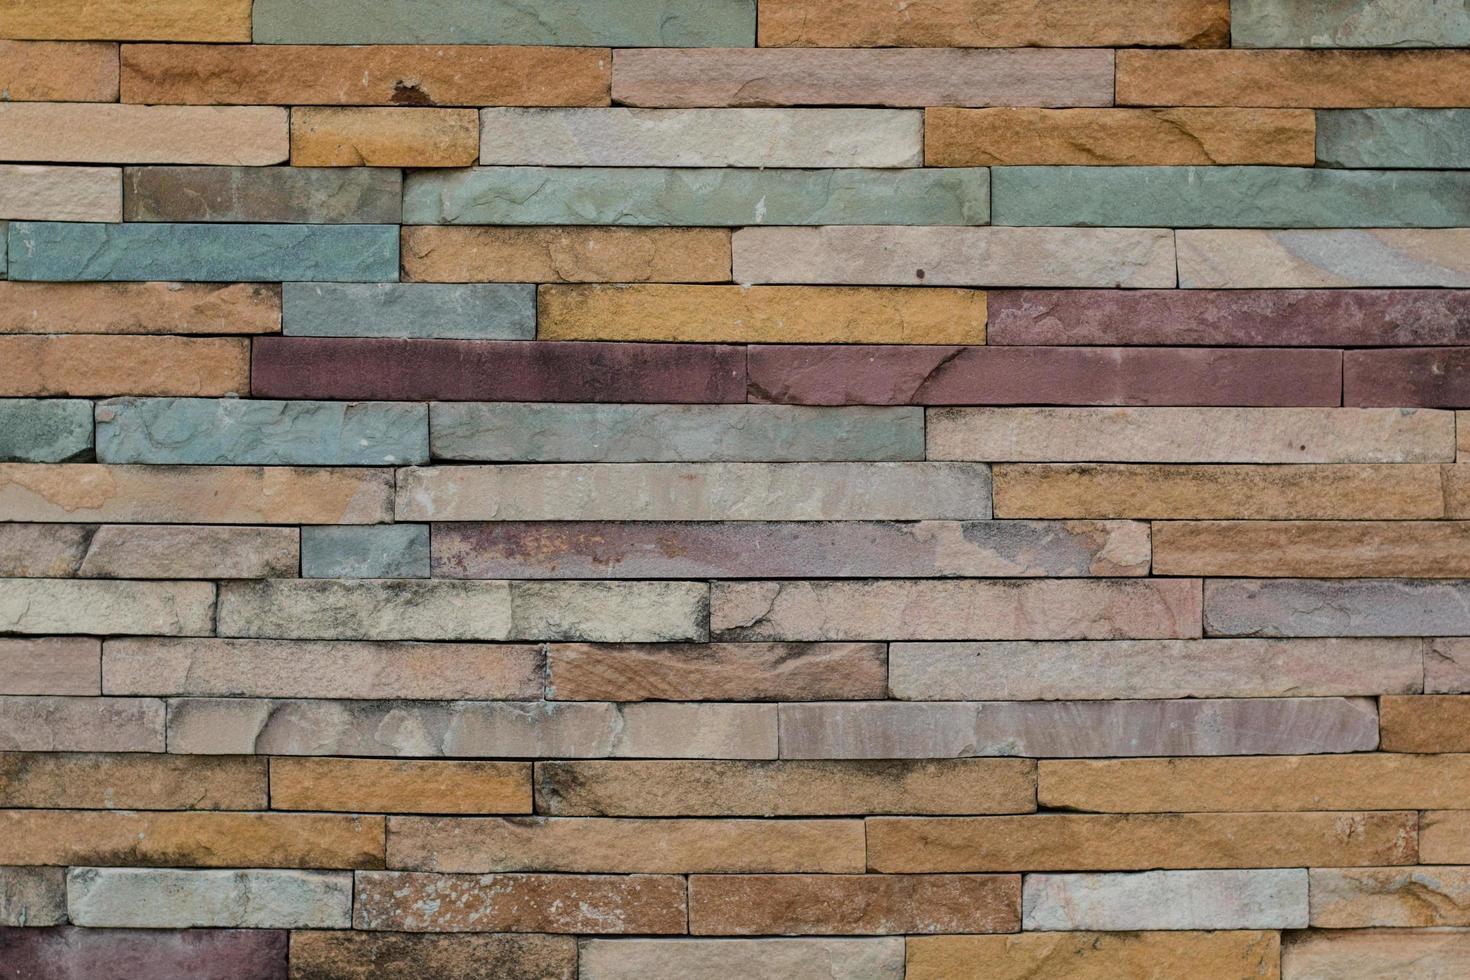 kleurrijke bakstenen muur foto